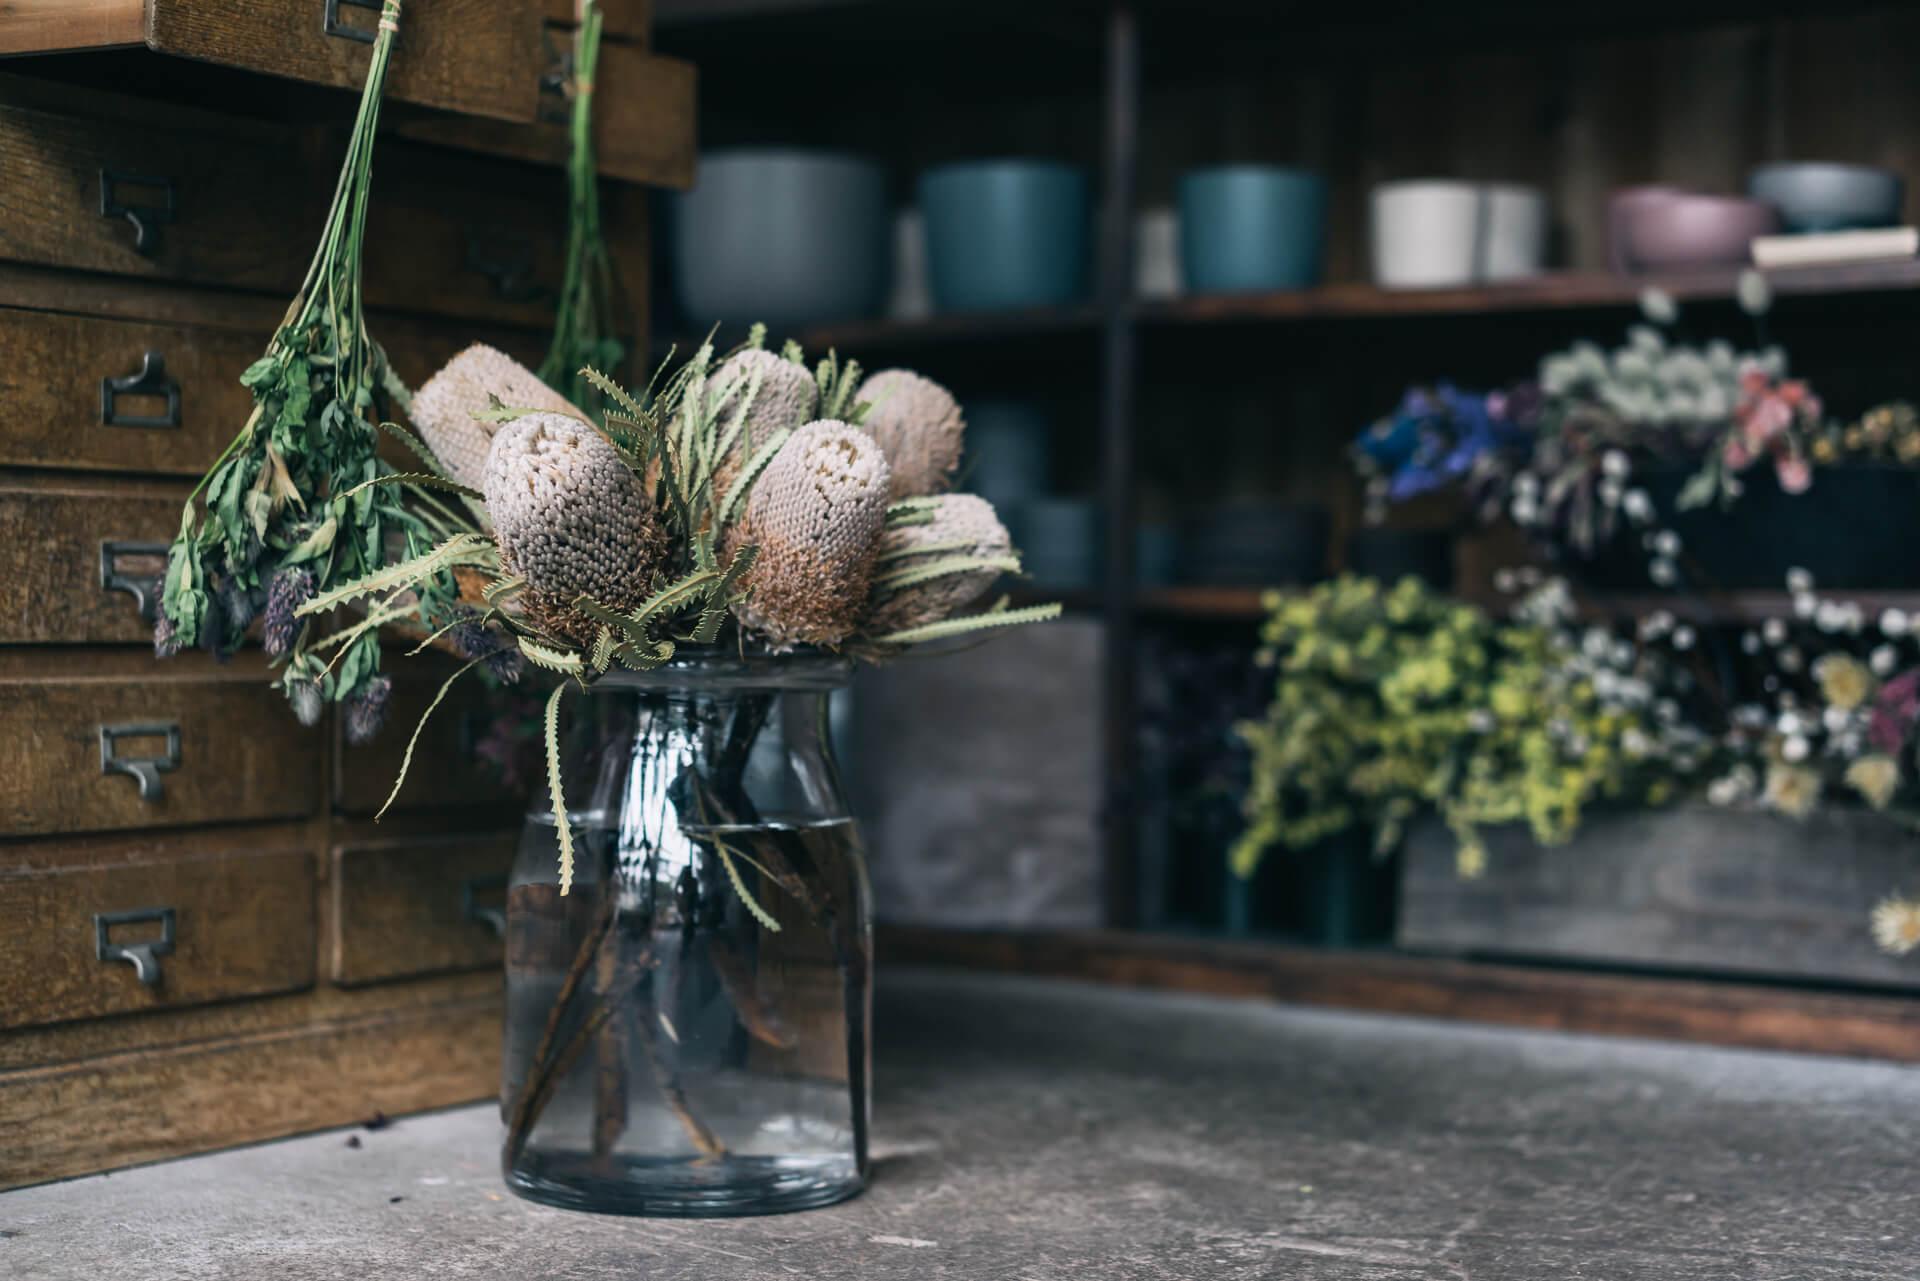 もちろん初めは空き瓶からでもOK。少しずつ育てる感覚が身についてきたら、お気に入りの花瓶を探しに行きましょう。飾りたい花のイメージによって、一輪挿しから背の高い枝物が入るものまで。様々な花瓶がありますよ。 (参考記事:まず初めに買うならどんなもの?自分に合ったフラワーベースの選びかた、5つのポイント)